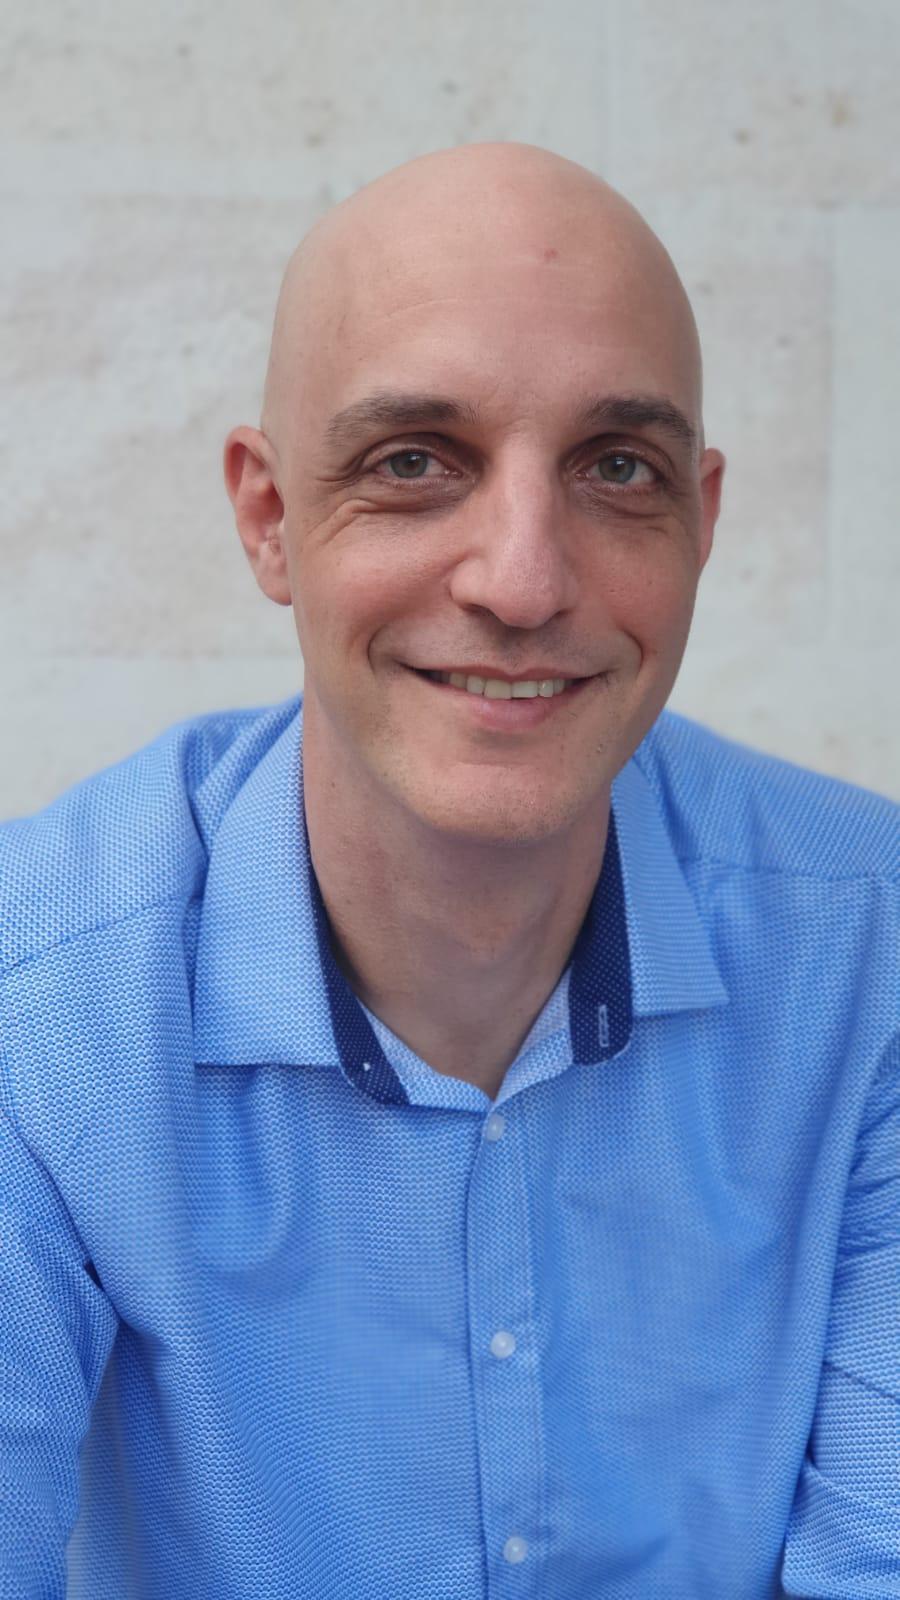 """ראש מערך משאבי האנוש של אנבידיה ישראל, עו""""ד גדעון רוזנברג / צילום: באדיבות NVIDIA"""